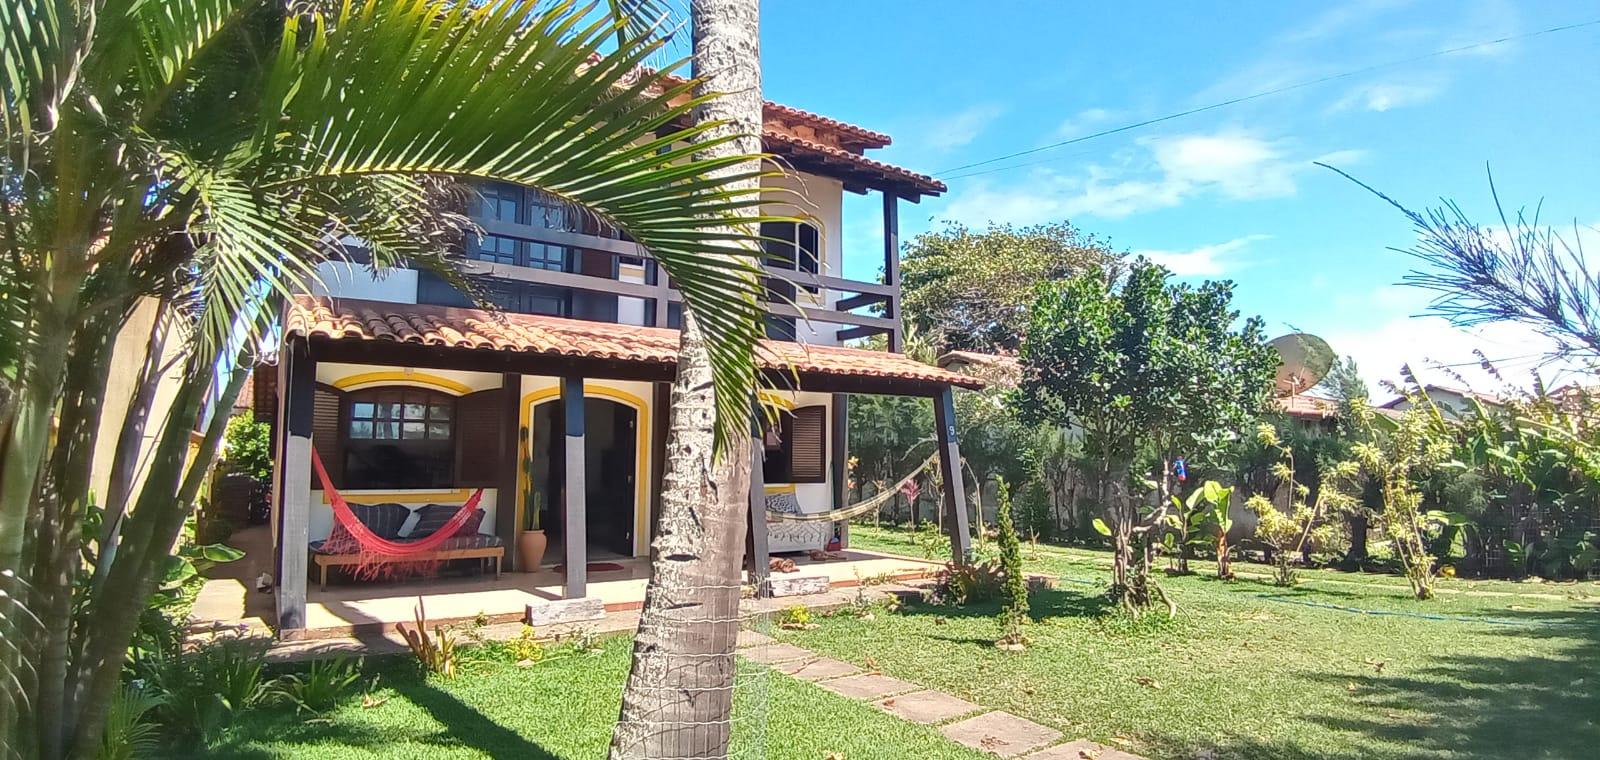 Esta es la casa restaurante que tiene Javier junto a su familia en Unamar, Brasil.